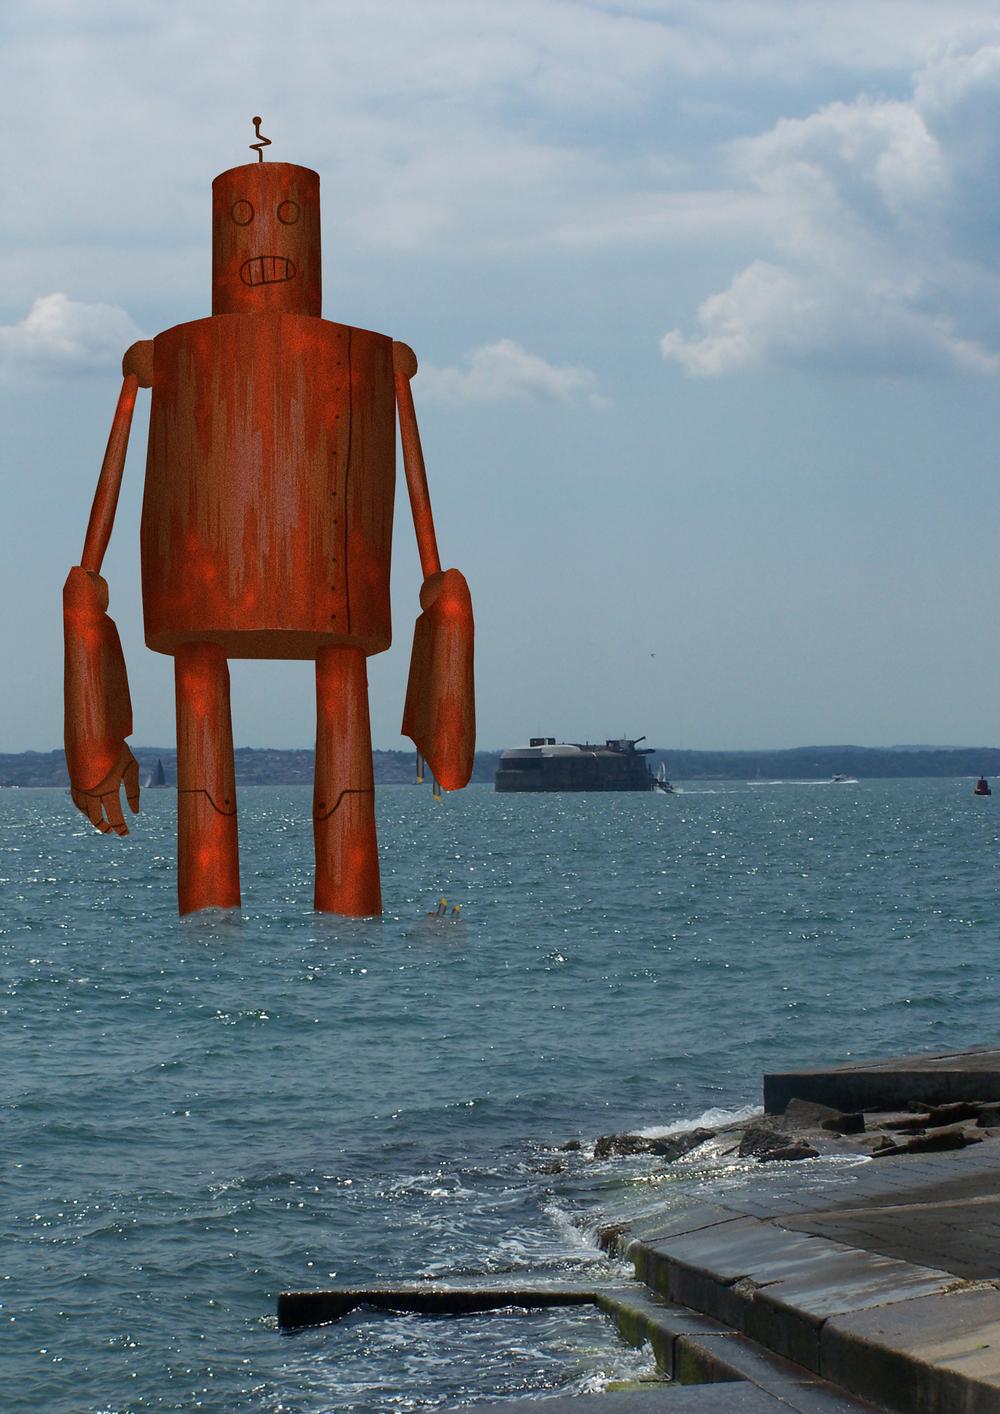 The Solent Robot